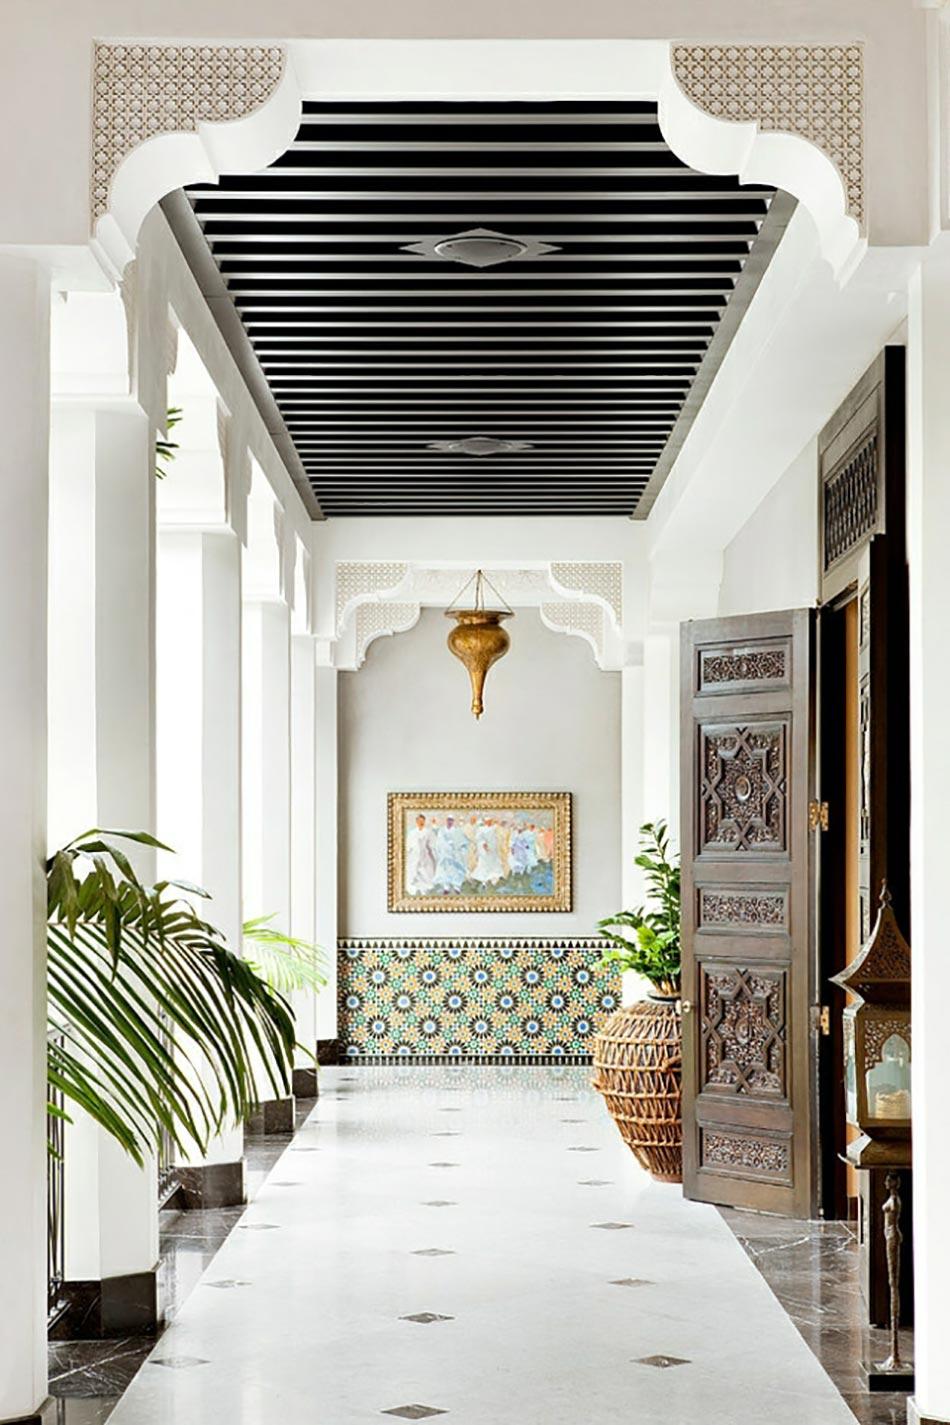 terrasse aux touches dalles maroc - Cheminee Contemporain Villa Marocaine